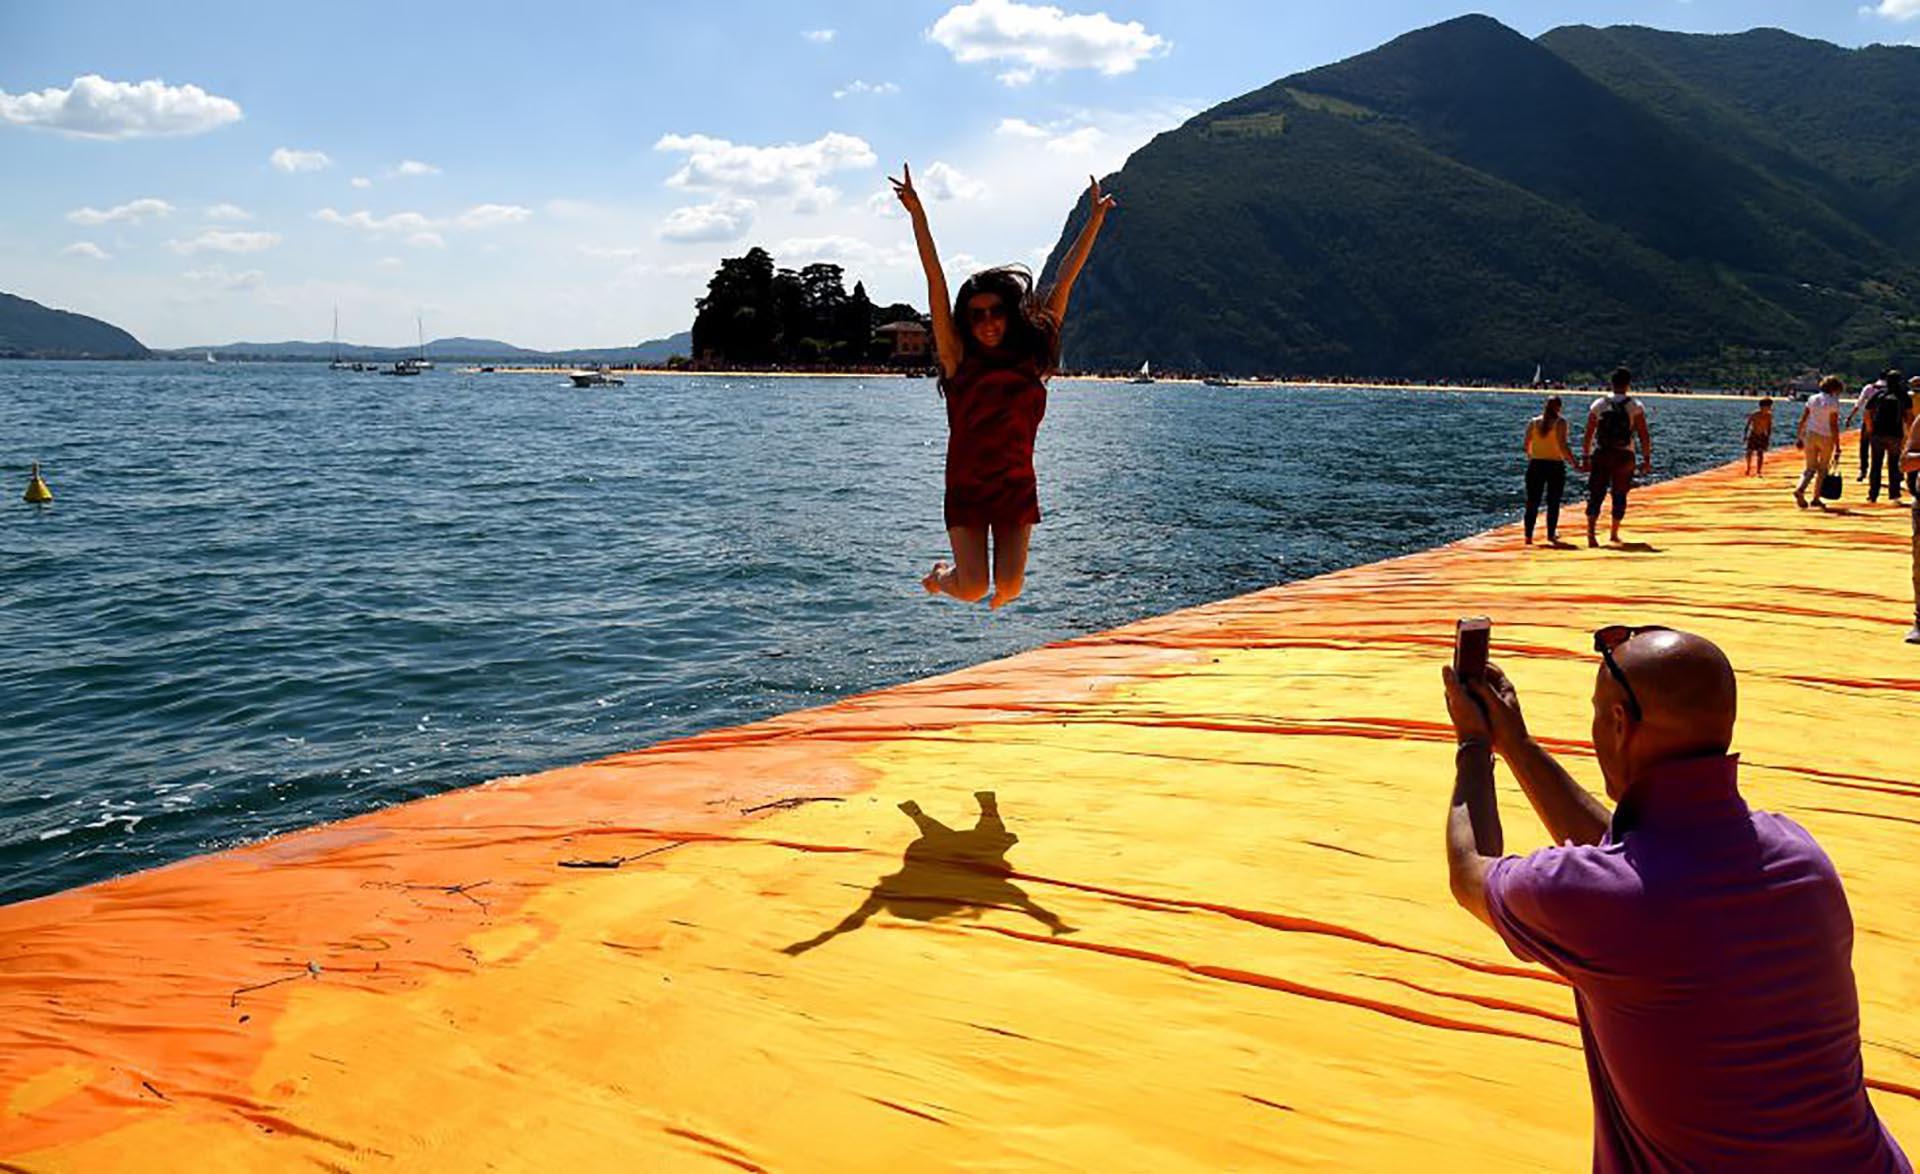 Una visitante de 'Los muelles flotantes', de Christo y Jeanne-Claude, salta sobre la pasarela efímera sobre el lago Iseo, en Italia